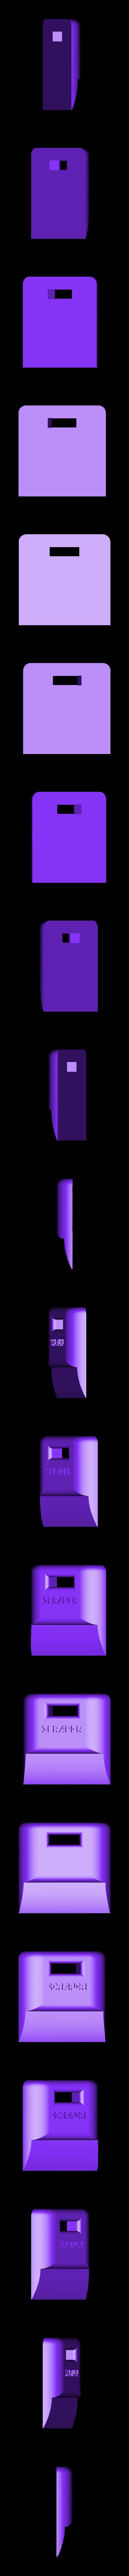 scraper.stl Télécharger fichier STL gratuit grattoir pour coupe-papier • Objet pour impression 3D, mariospeed